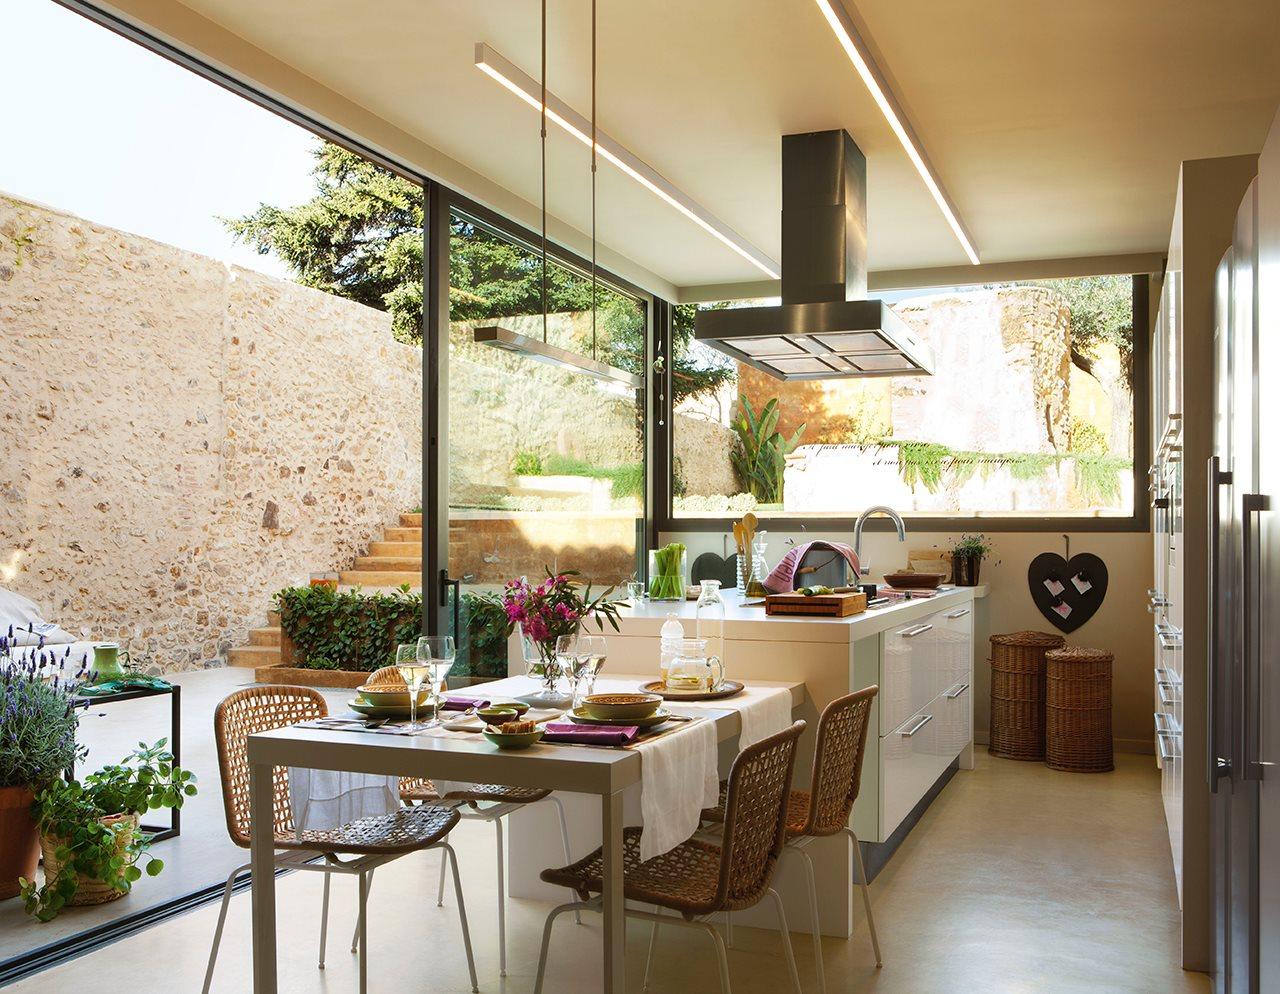 Vuestras fotos preferidas del 2015 - Cocina con pared de cristal ...